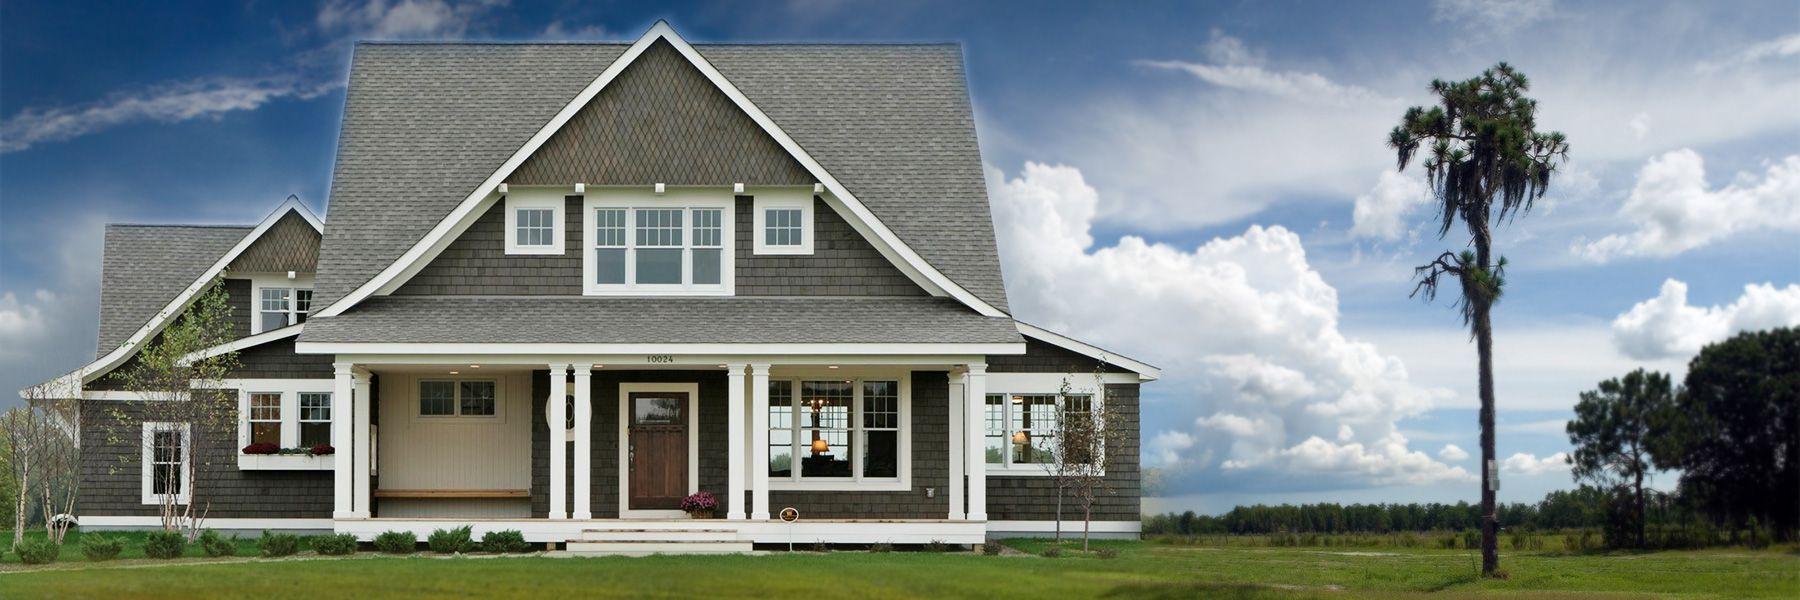 home insurance safelane insurance solutions. Black Bedroom Furniture Sets. Home Design Ideas